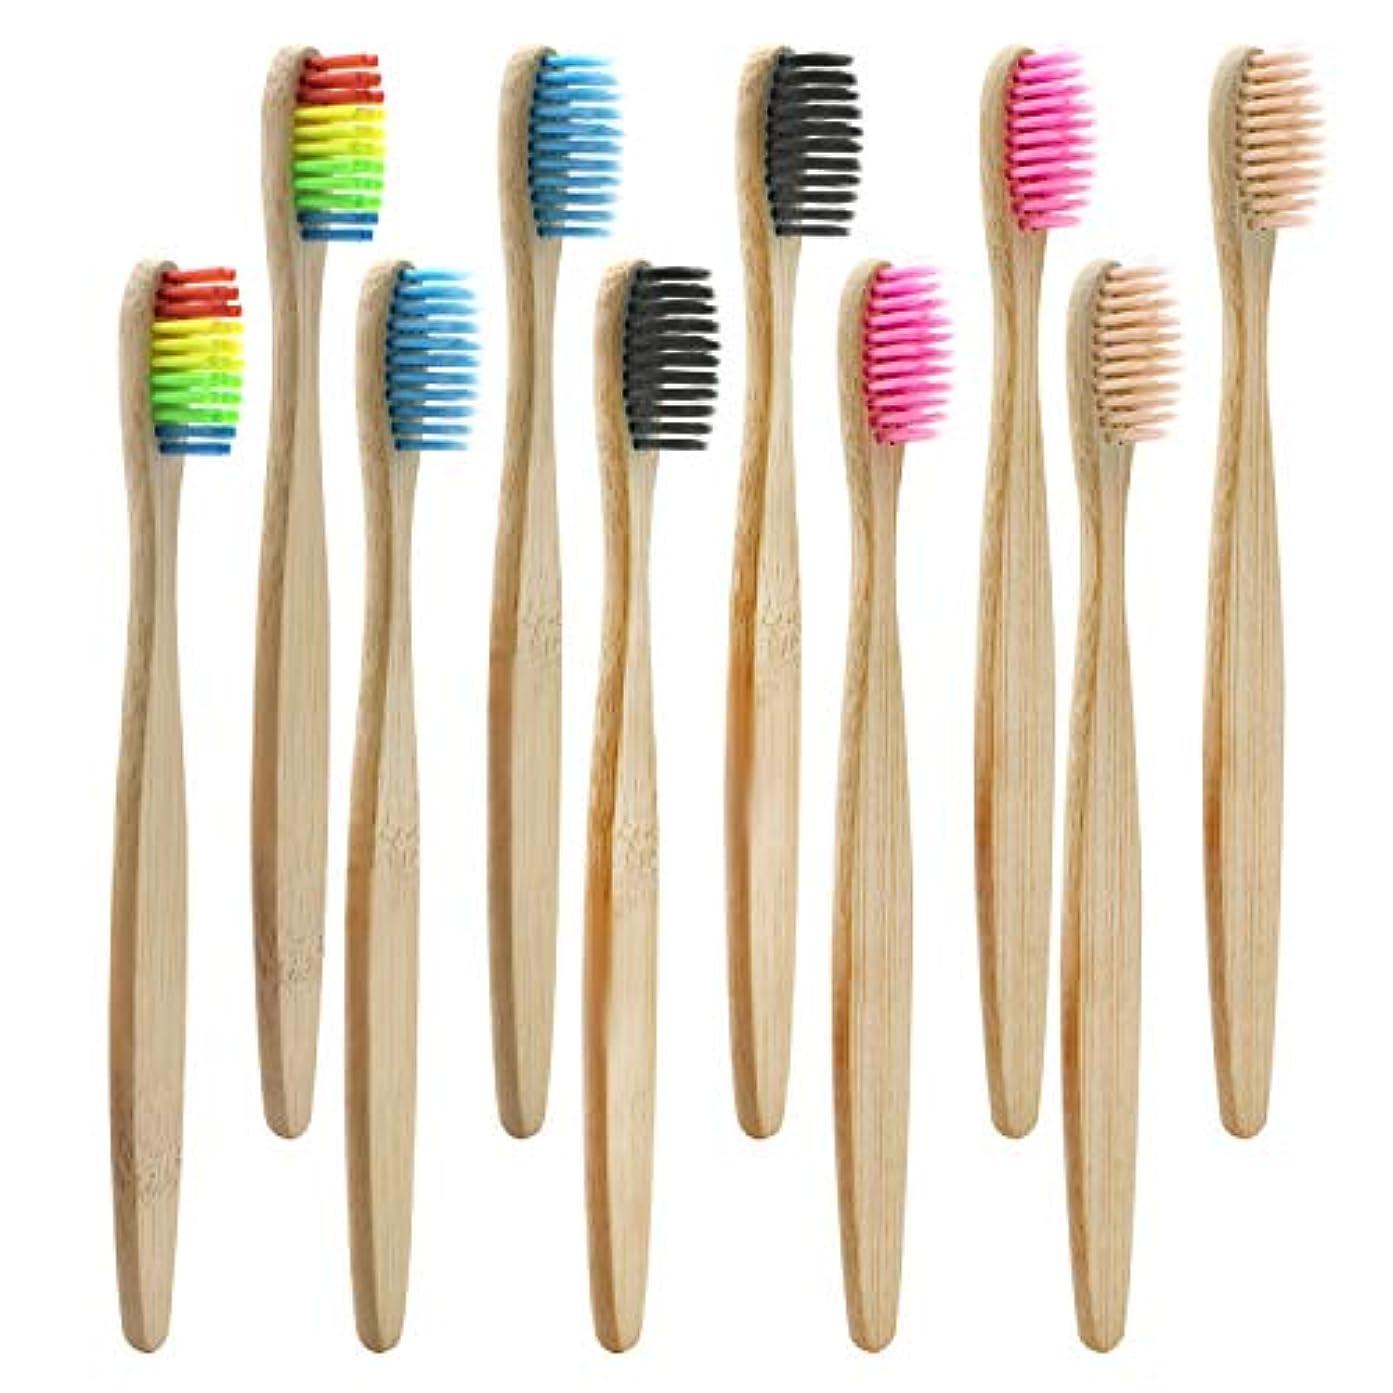 オーストラリア人不平を言うペレグリネーションDracarys 竹製の歯ブラシ 10本入れ(5色各5本) やわらかめ 細毛 エコ歯ブラシ 自然分解される環境に優しい竹製歯ブラシ 家庭用 旅行用